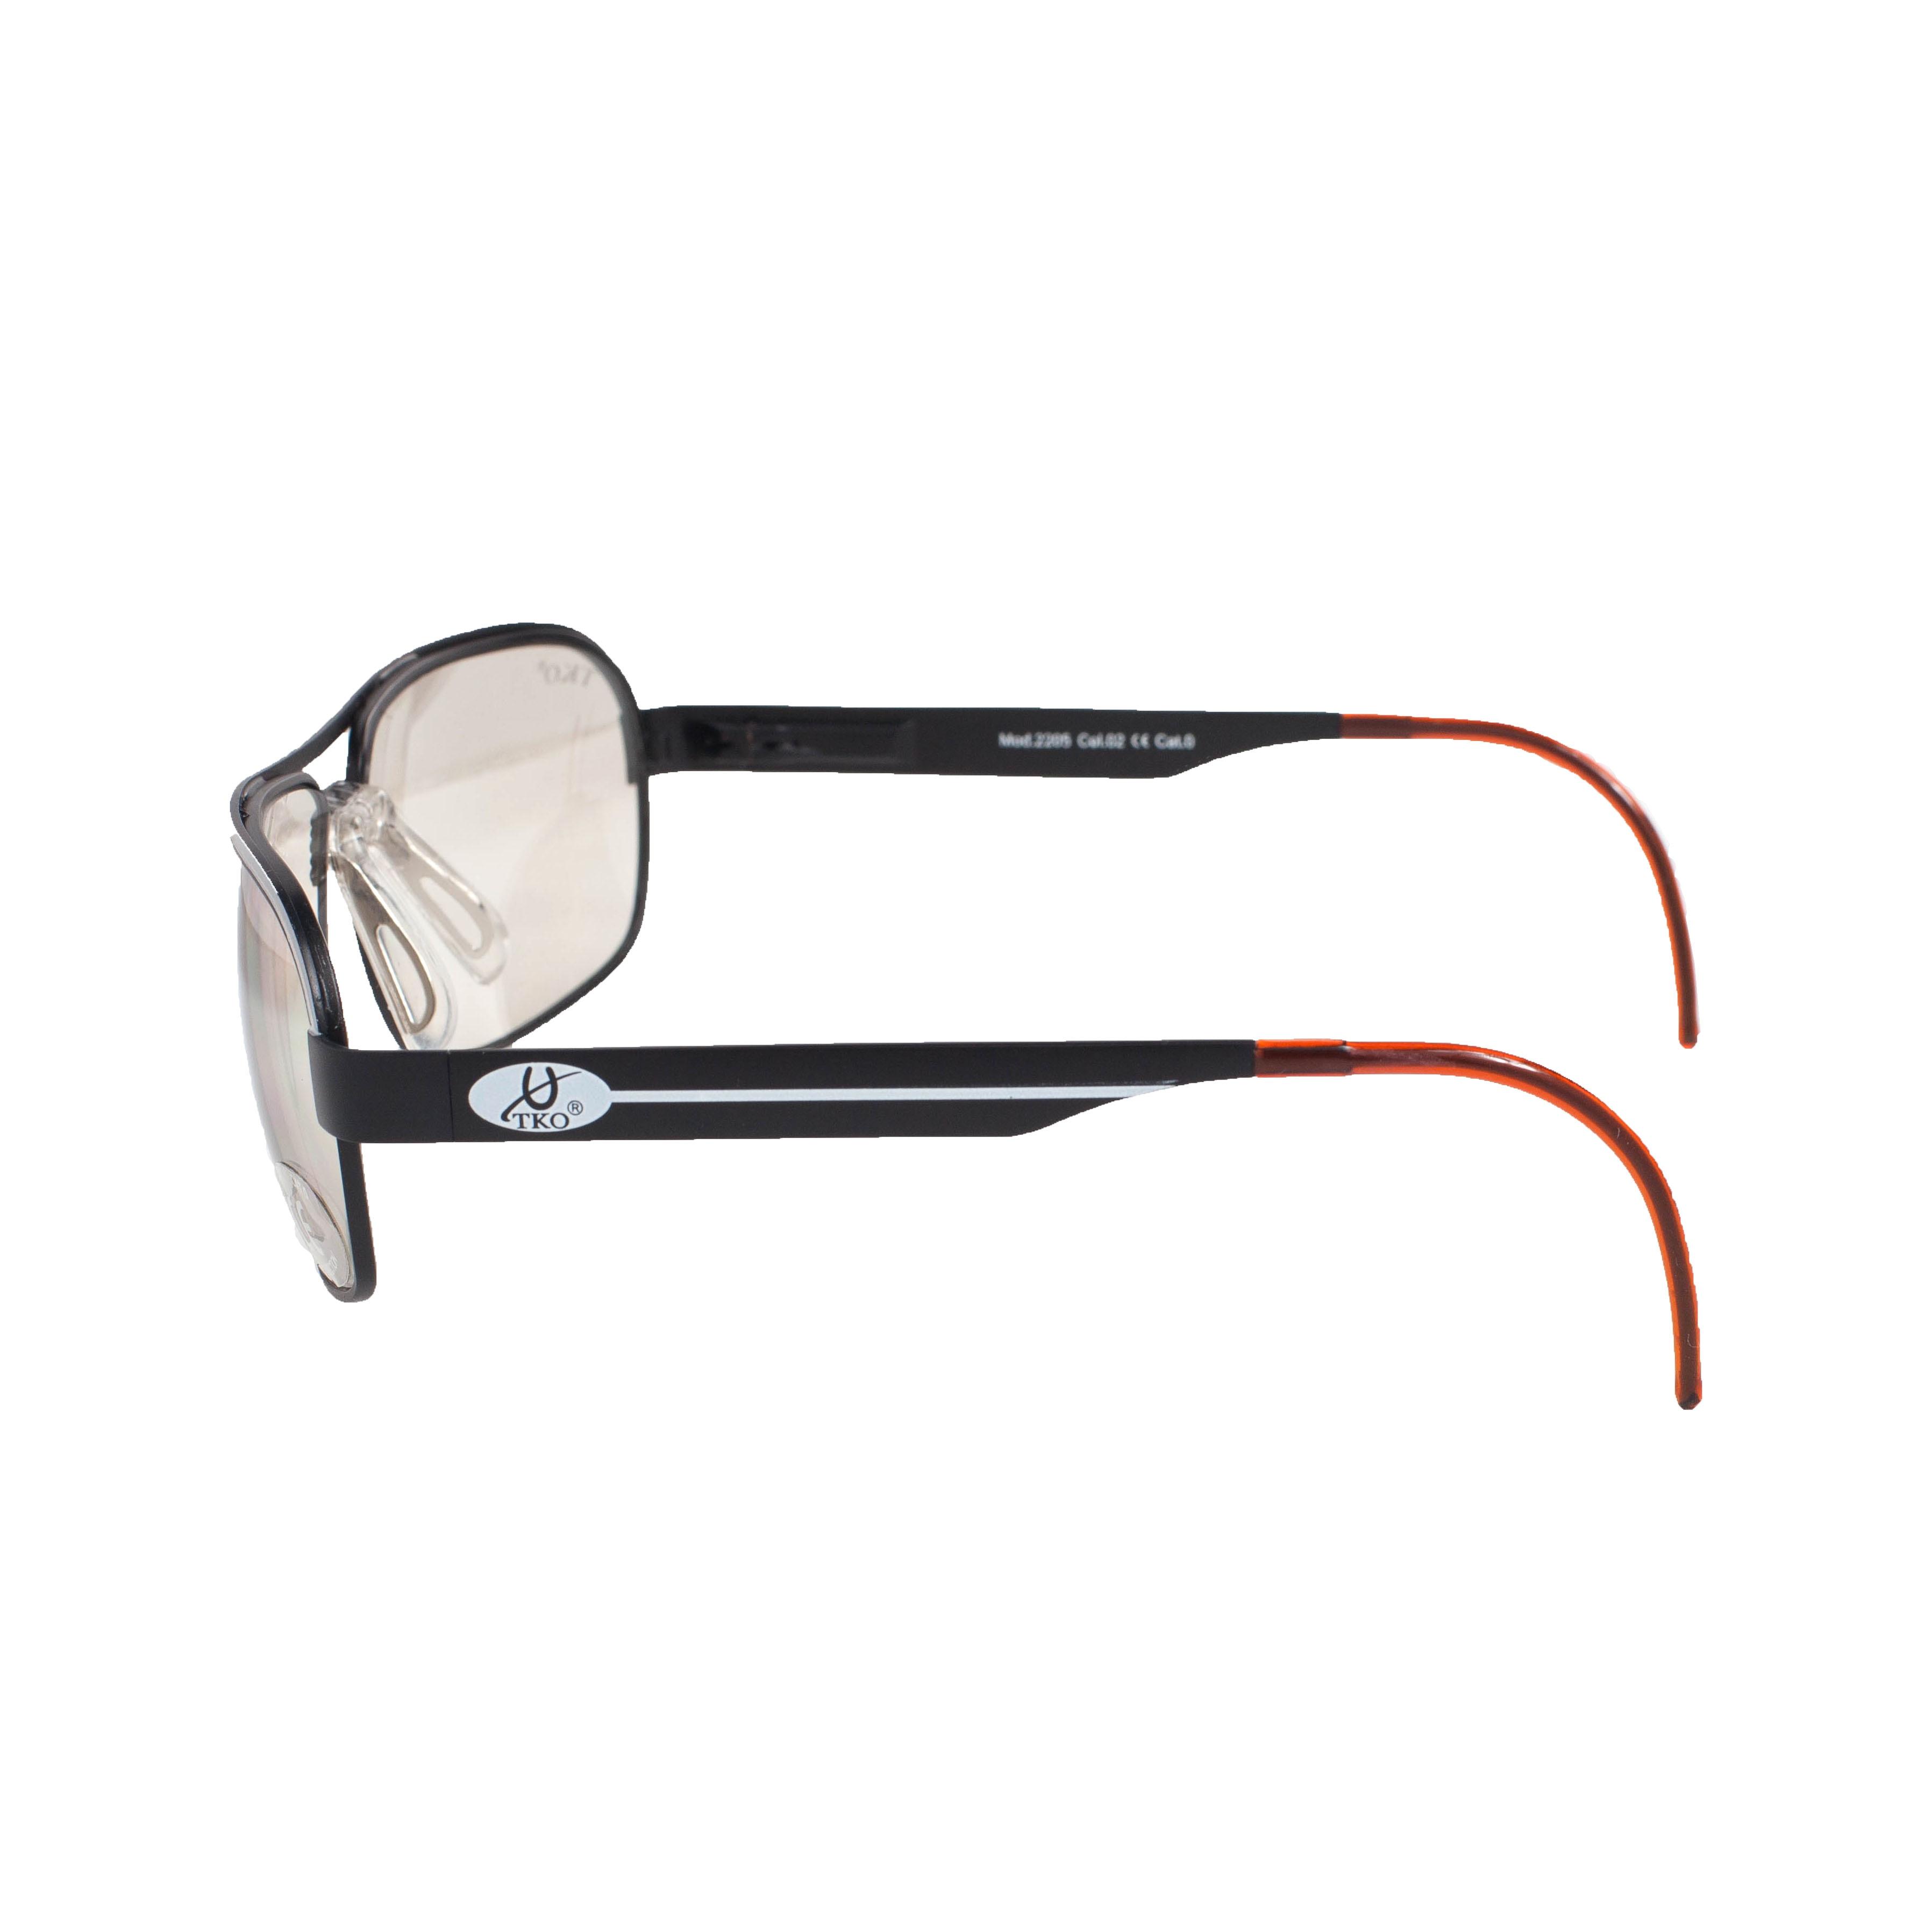 TKO Harness løpsbriller